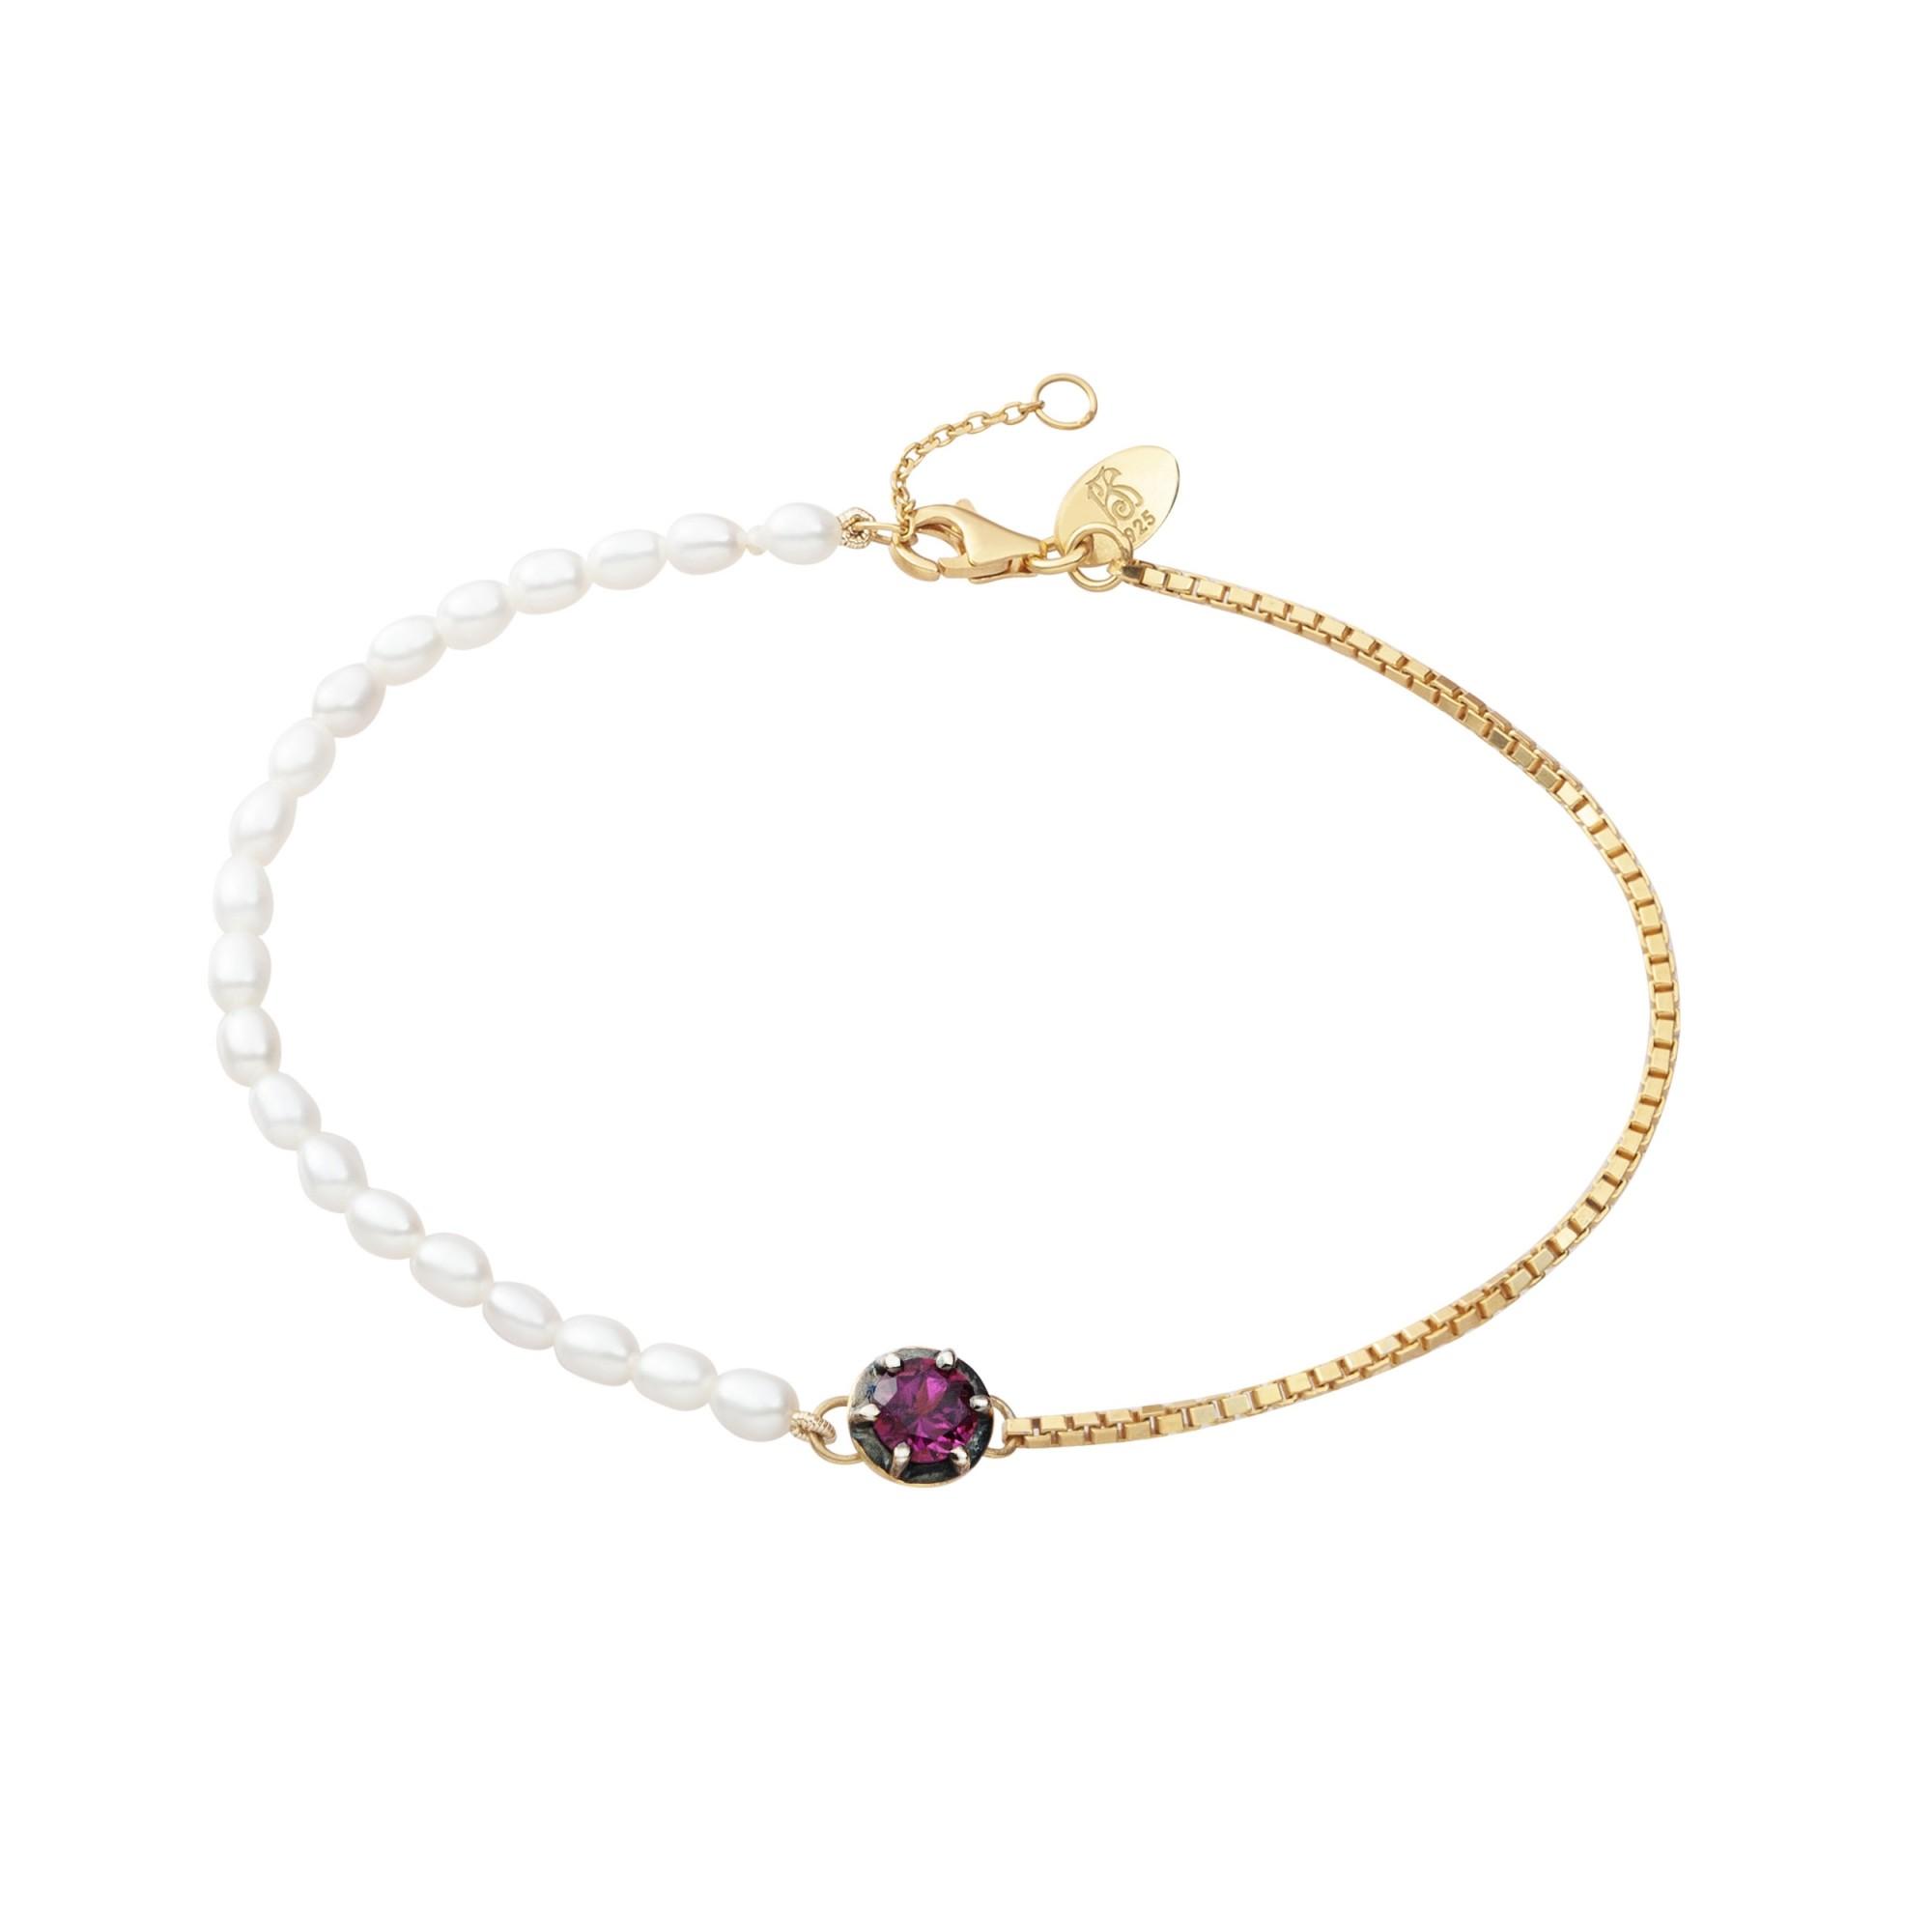 Pulseira Pink Crush em Prata com Banho de Ouro 18k e Rubelita - Crush Collection